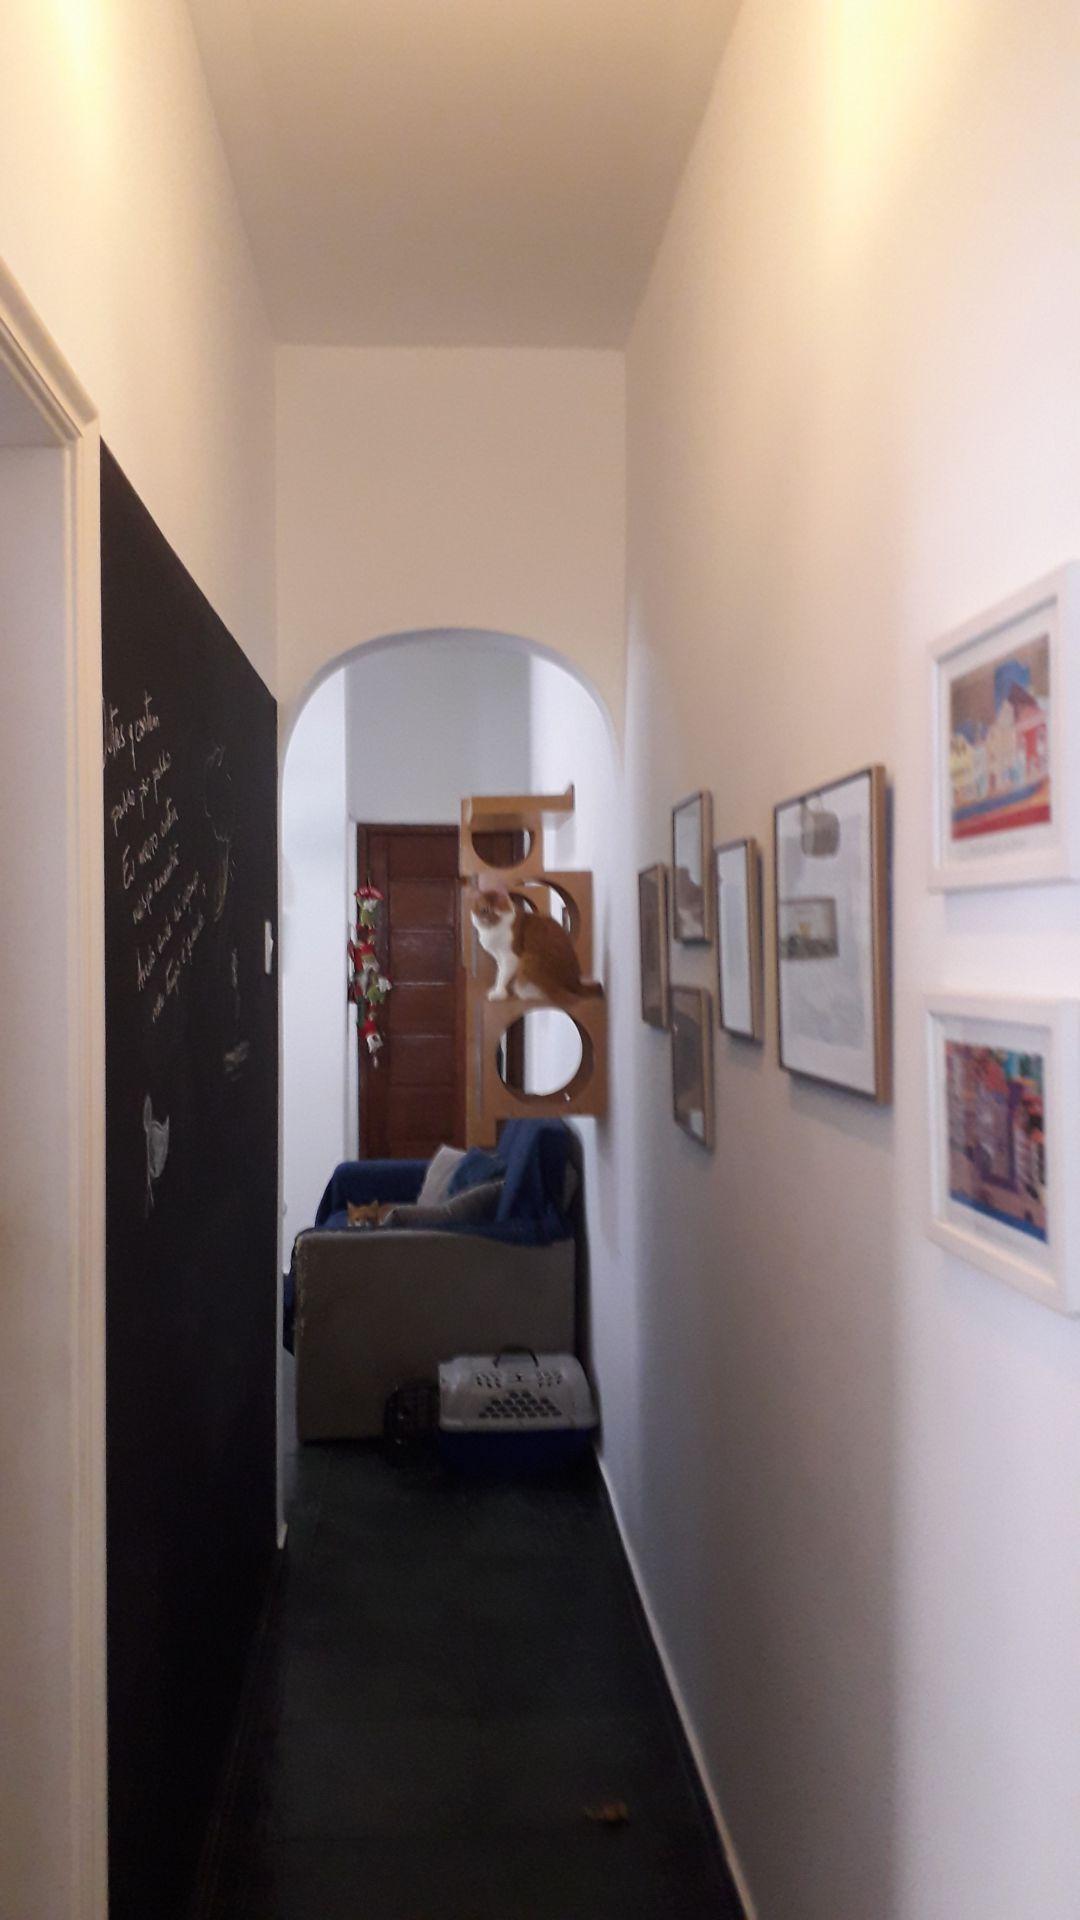 CIRCULAÇÃO - Apartamento Rua visconde de santa isabel,Grajaú, Grajaú,Rio de Janeiro, RJ À Venda, 2 Quartos, 59m² - 000484 - 17